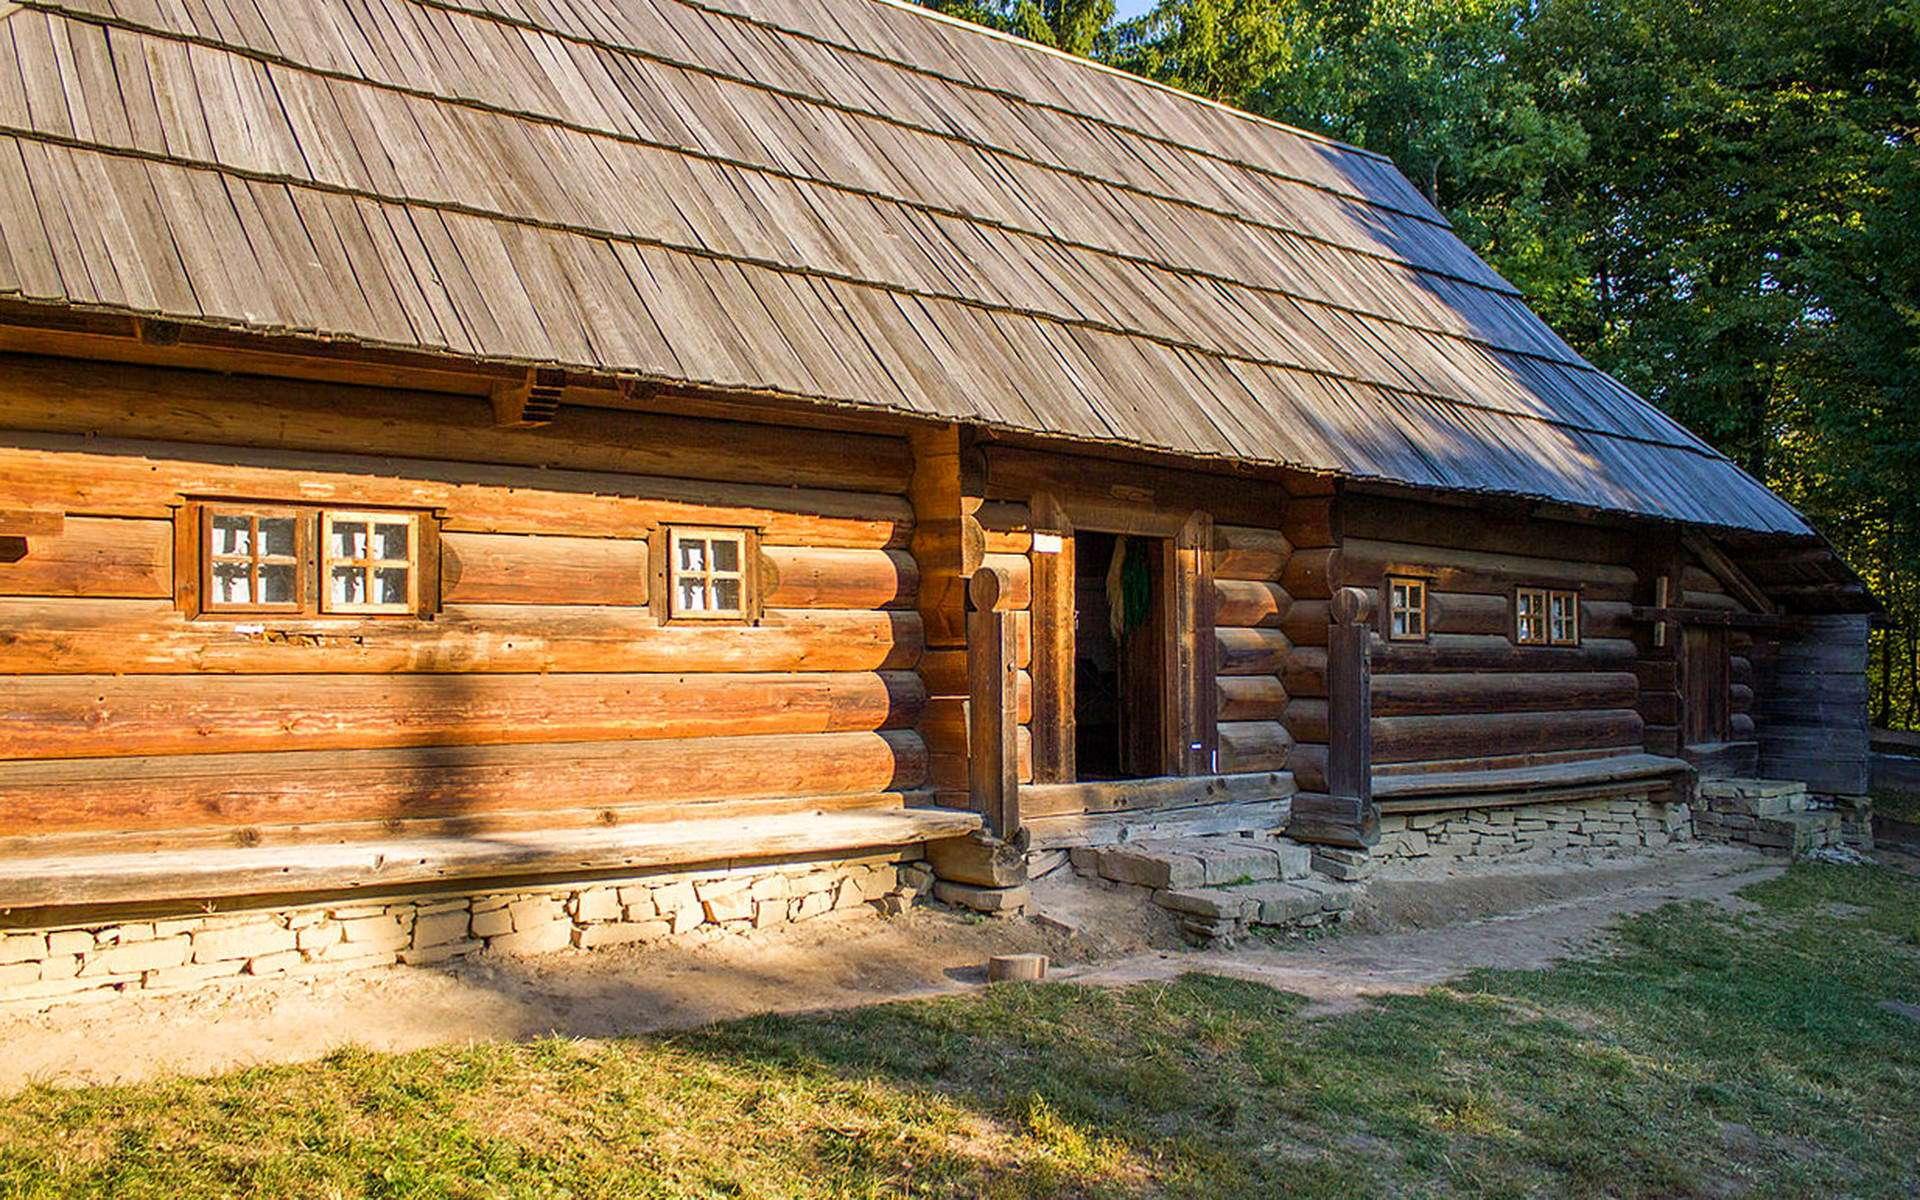 Хата в селі Шепіт, Косівський район